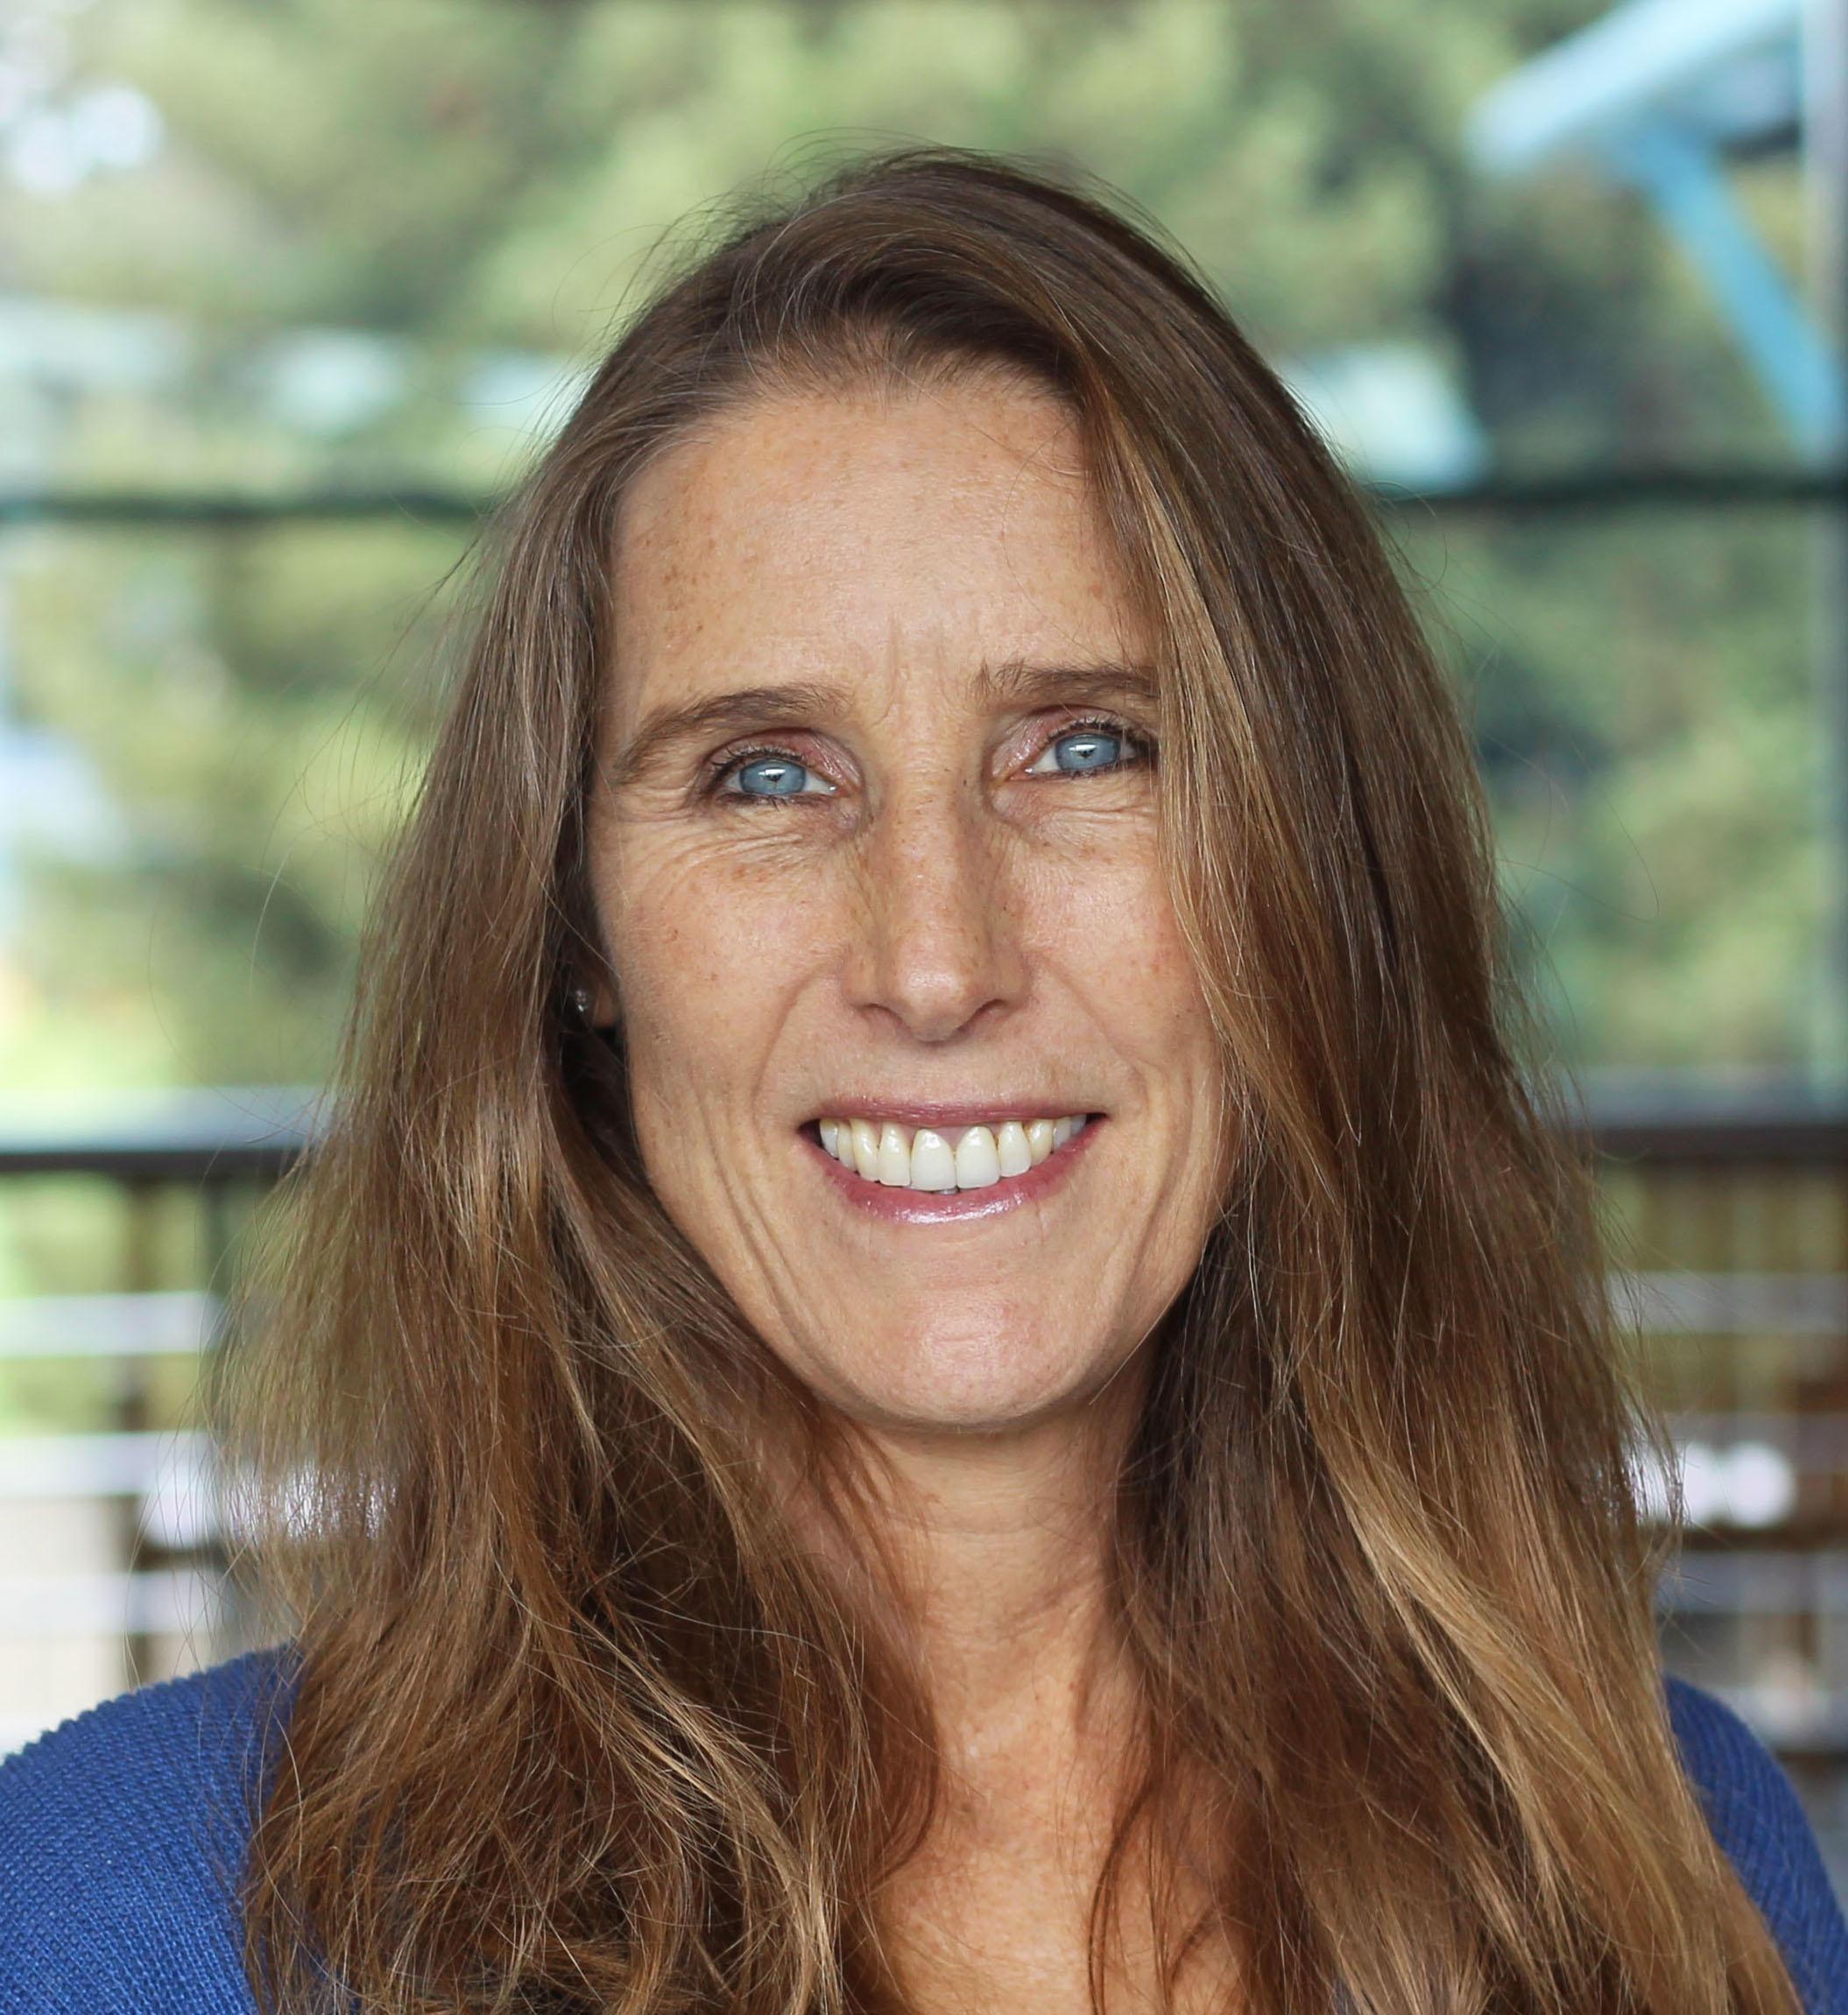 Elizabeth Hedelman